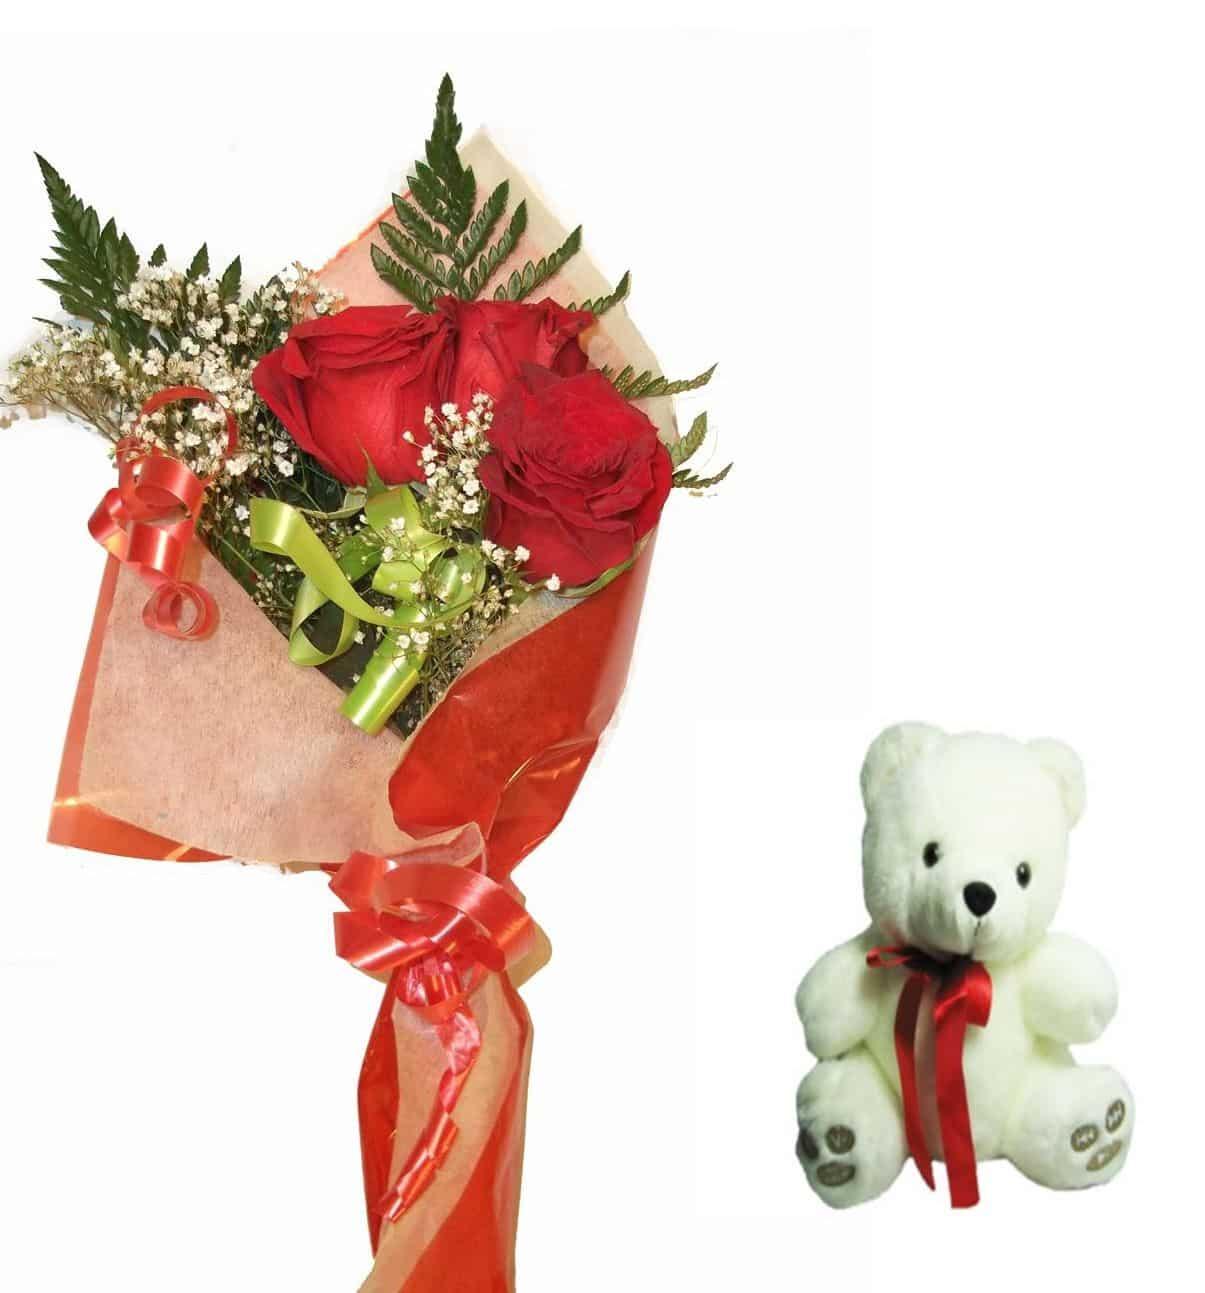 Envio de ramo de tres rosas a domicilio con peluche